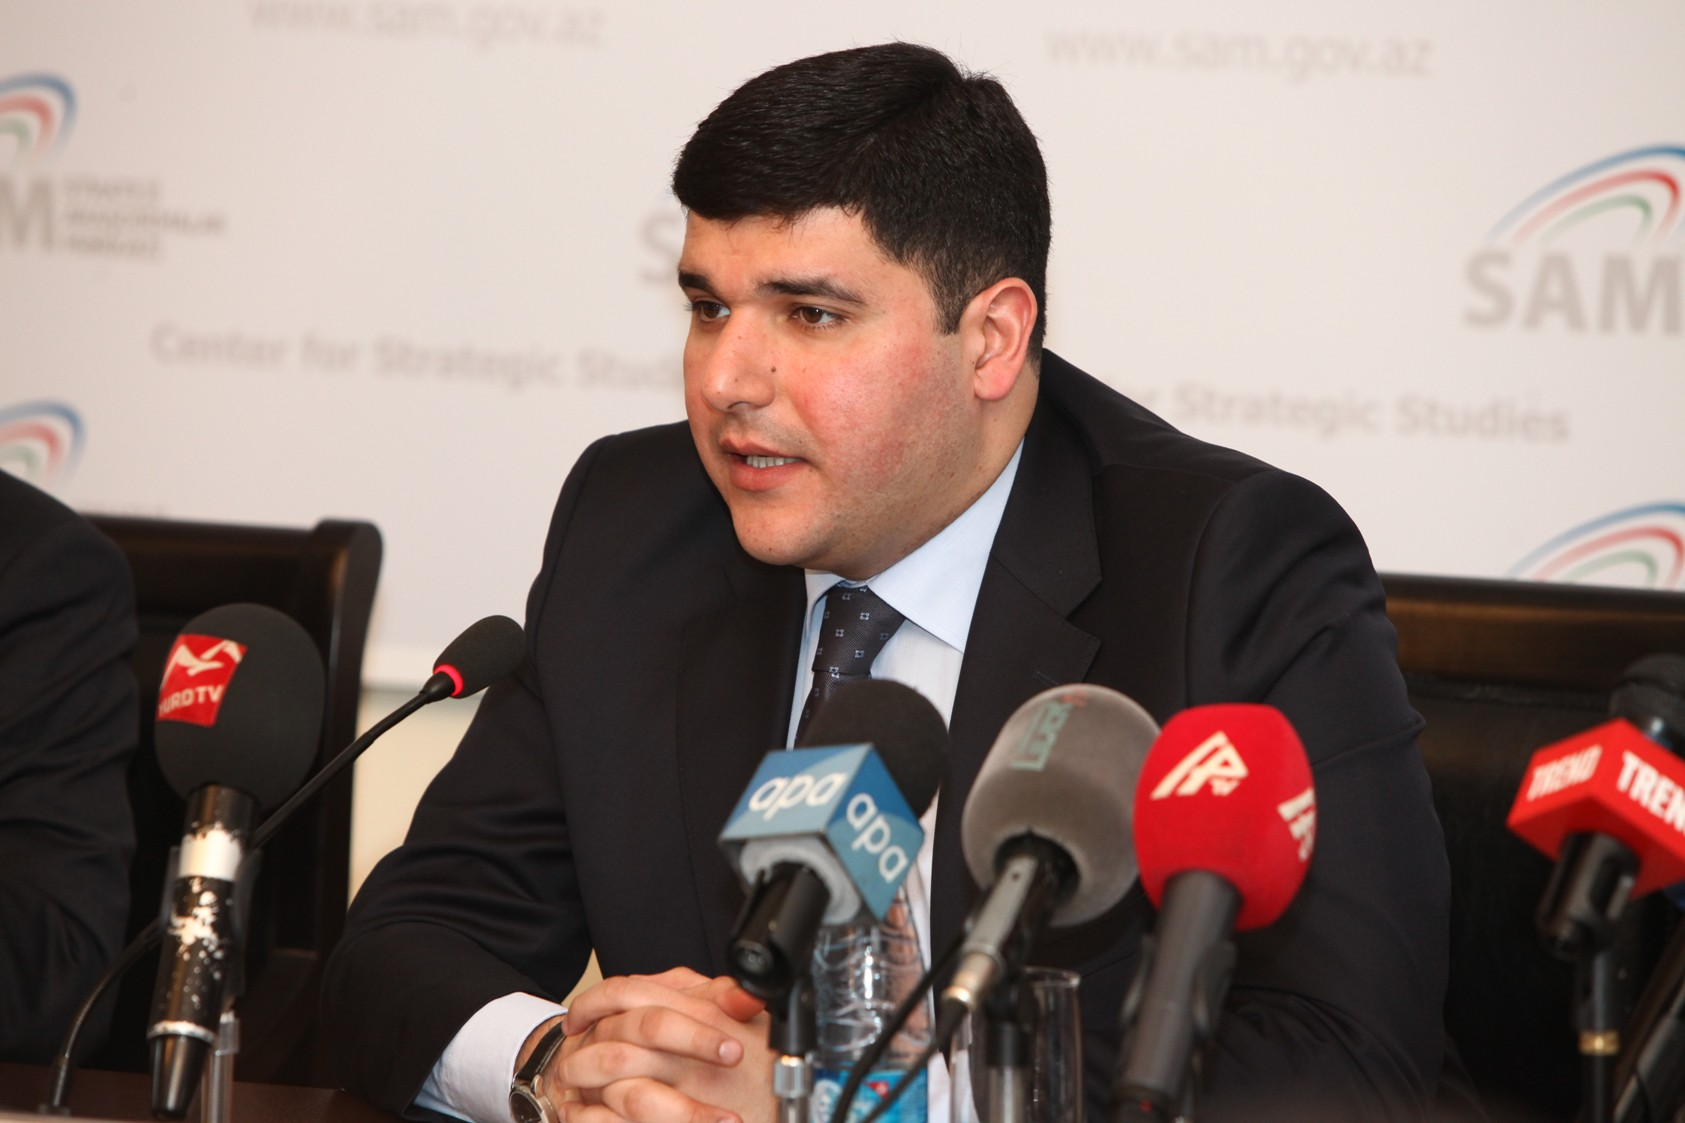 Фархад Мамедов: «Международное экспертное сообщество должно иметь полное представление о провокациях в Сумгайыте»